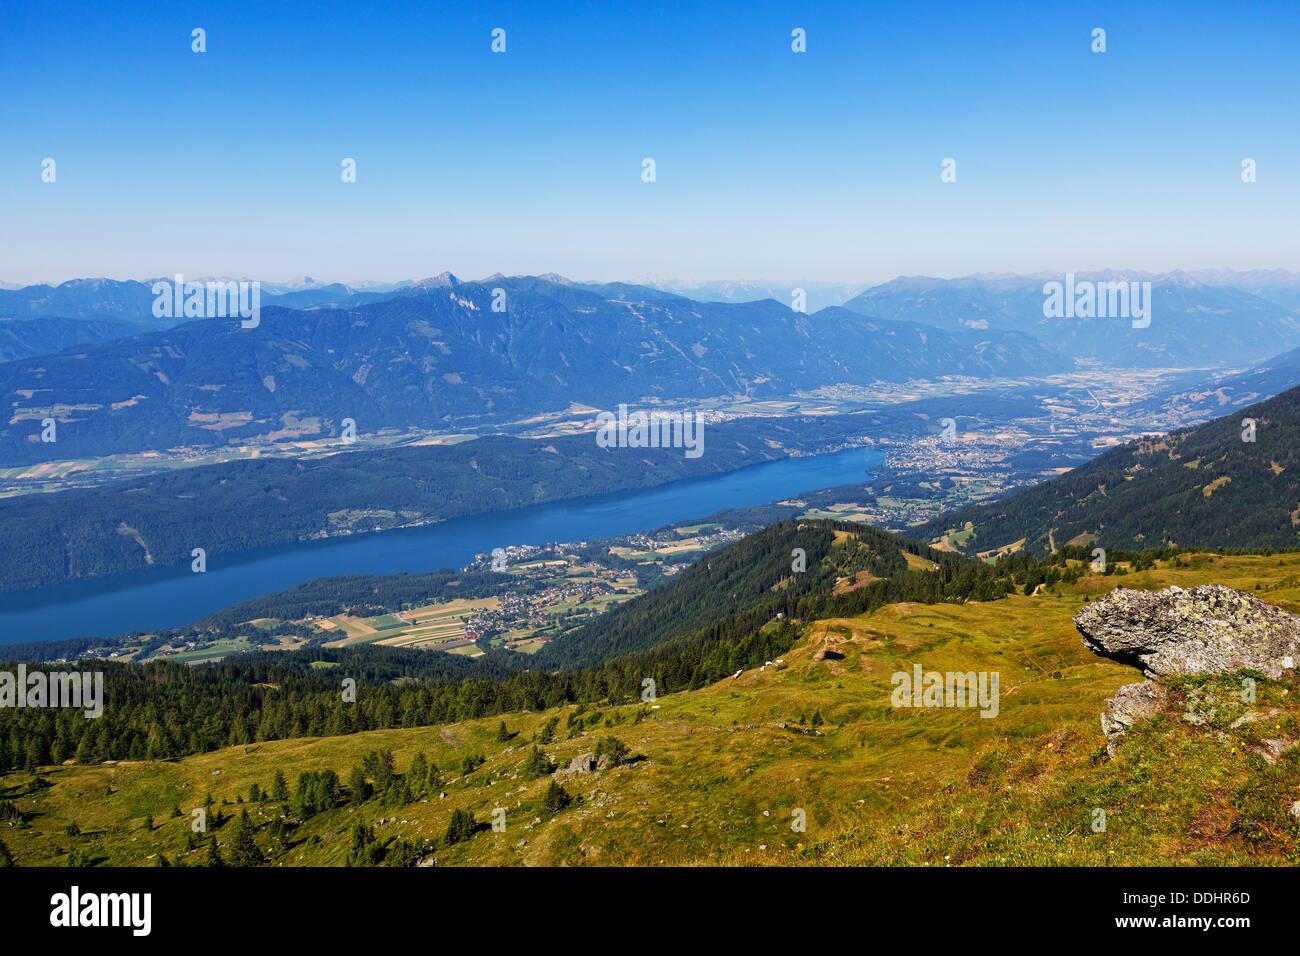 View from the Millstatt Alps over Lake Millstatt - Stock Image